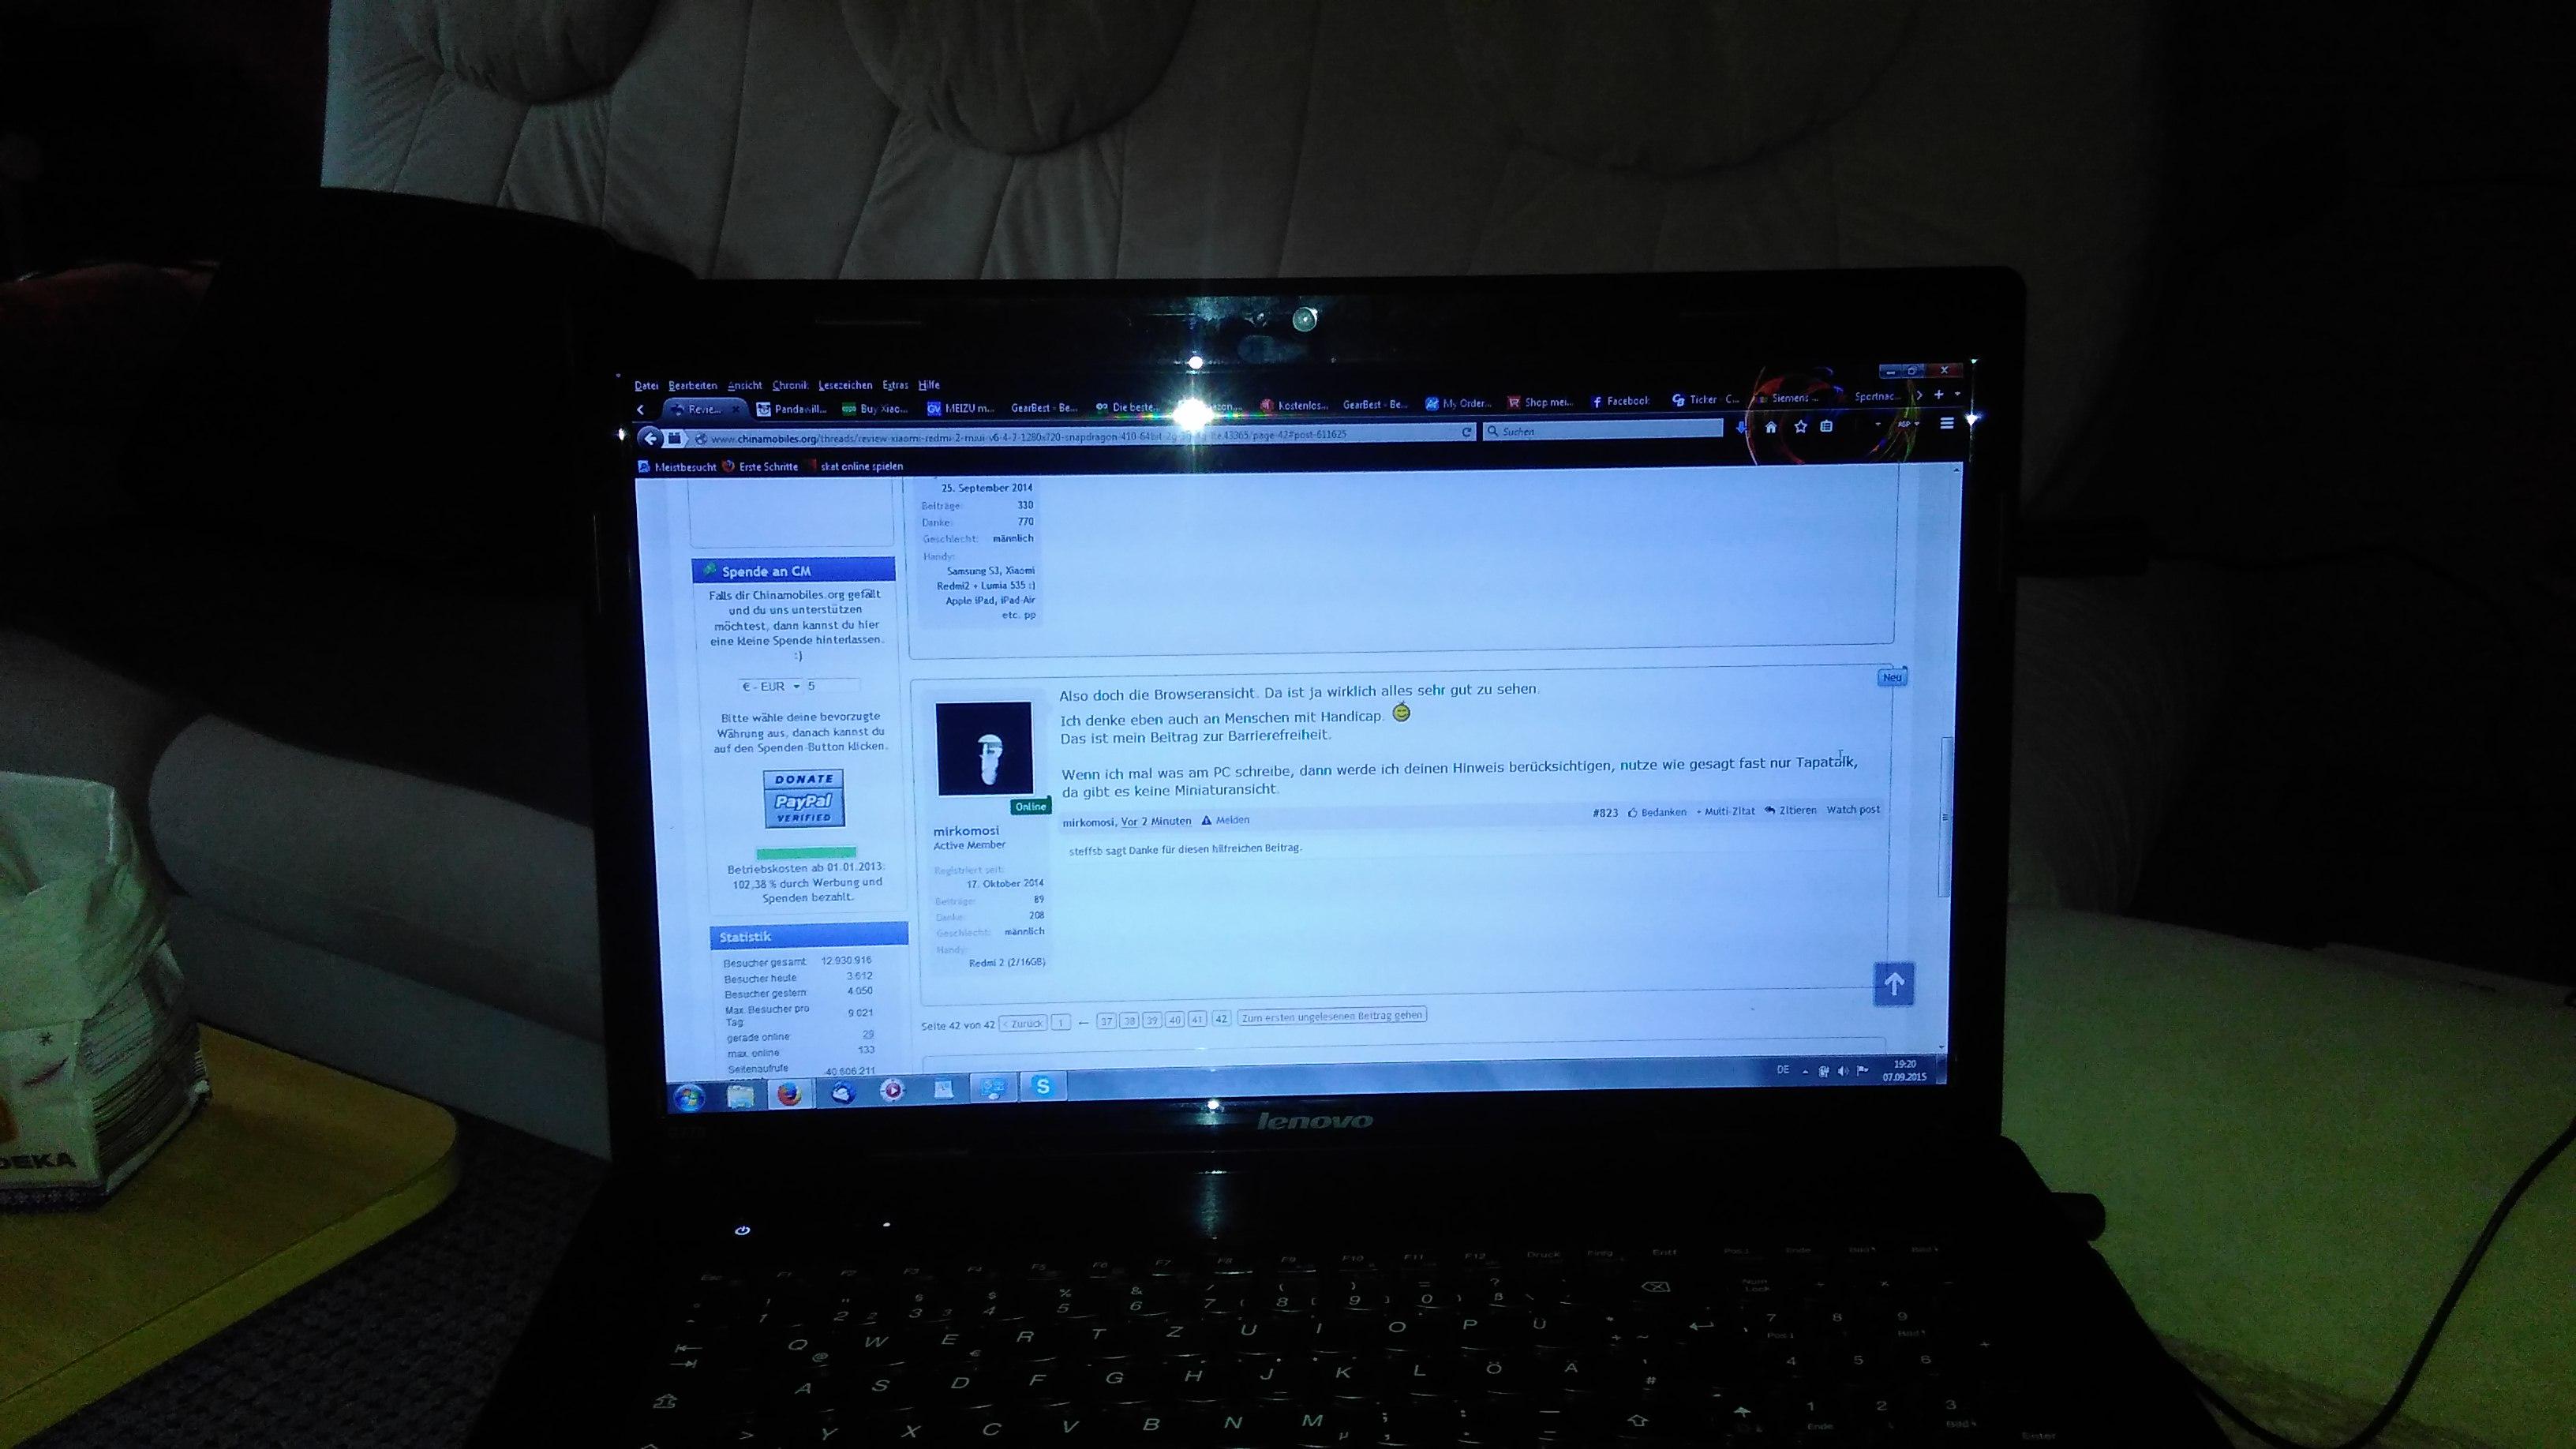 uploadfromtaptalk1441646511638.jpg